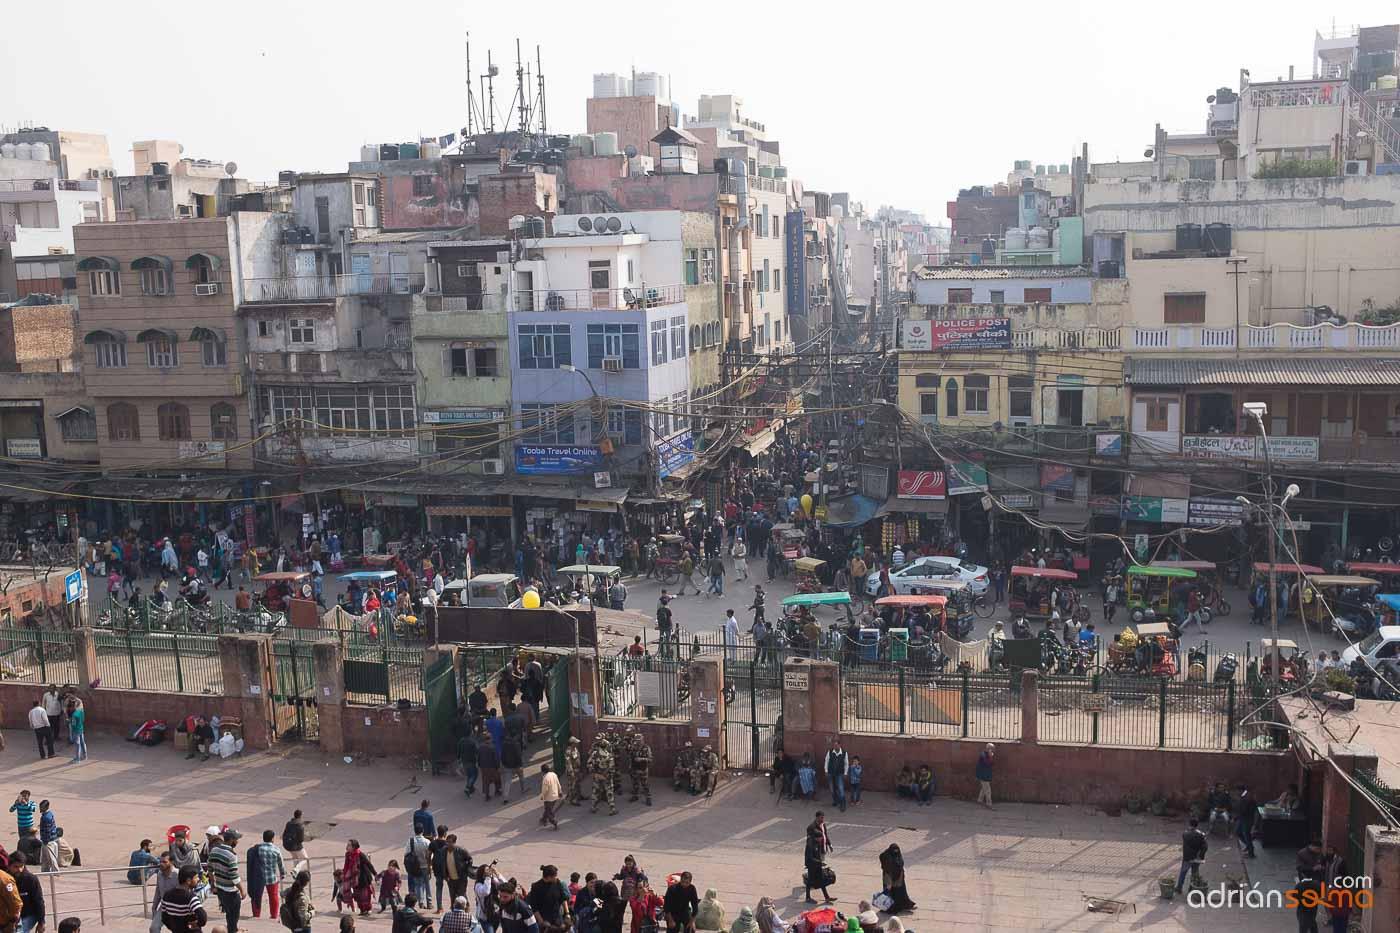 Calles pobladas de Nueva Delhi, capital de India